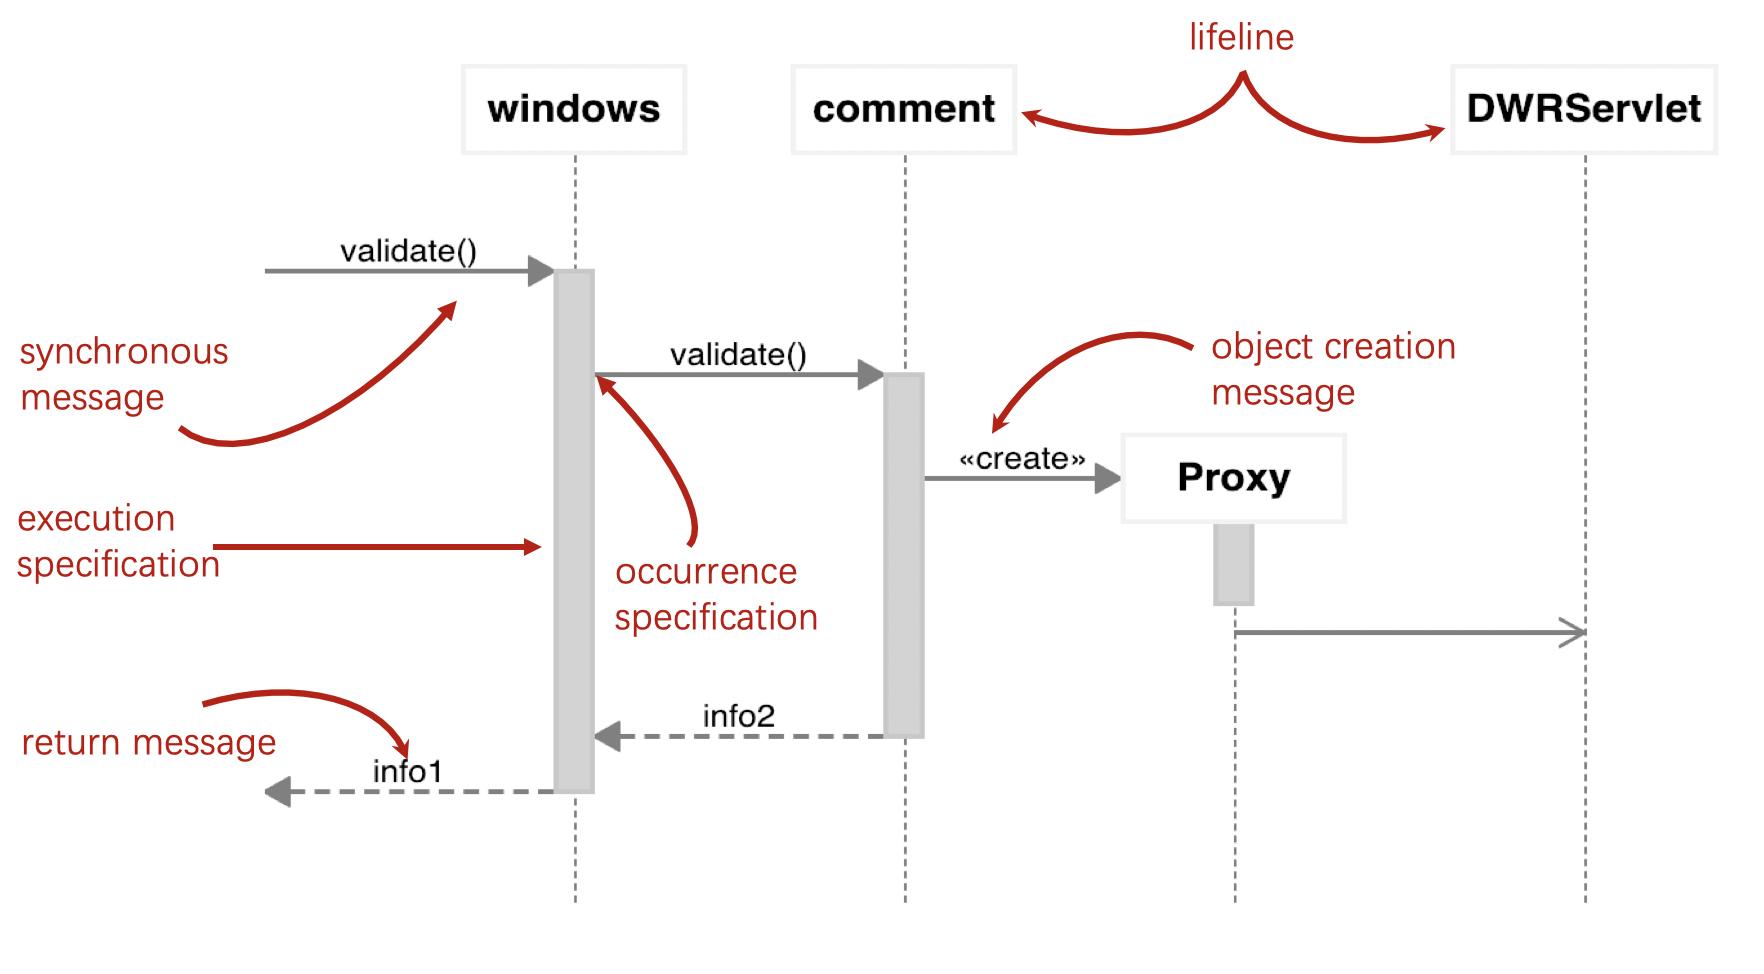 31 Intellij Uml Sequence Diagram - Wiring Diagram Database